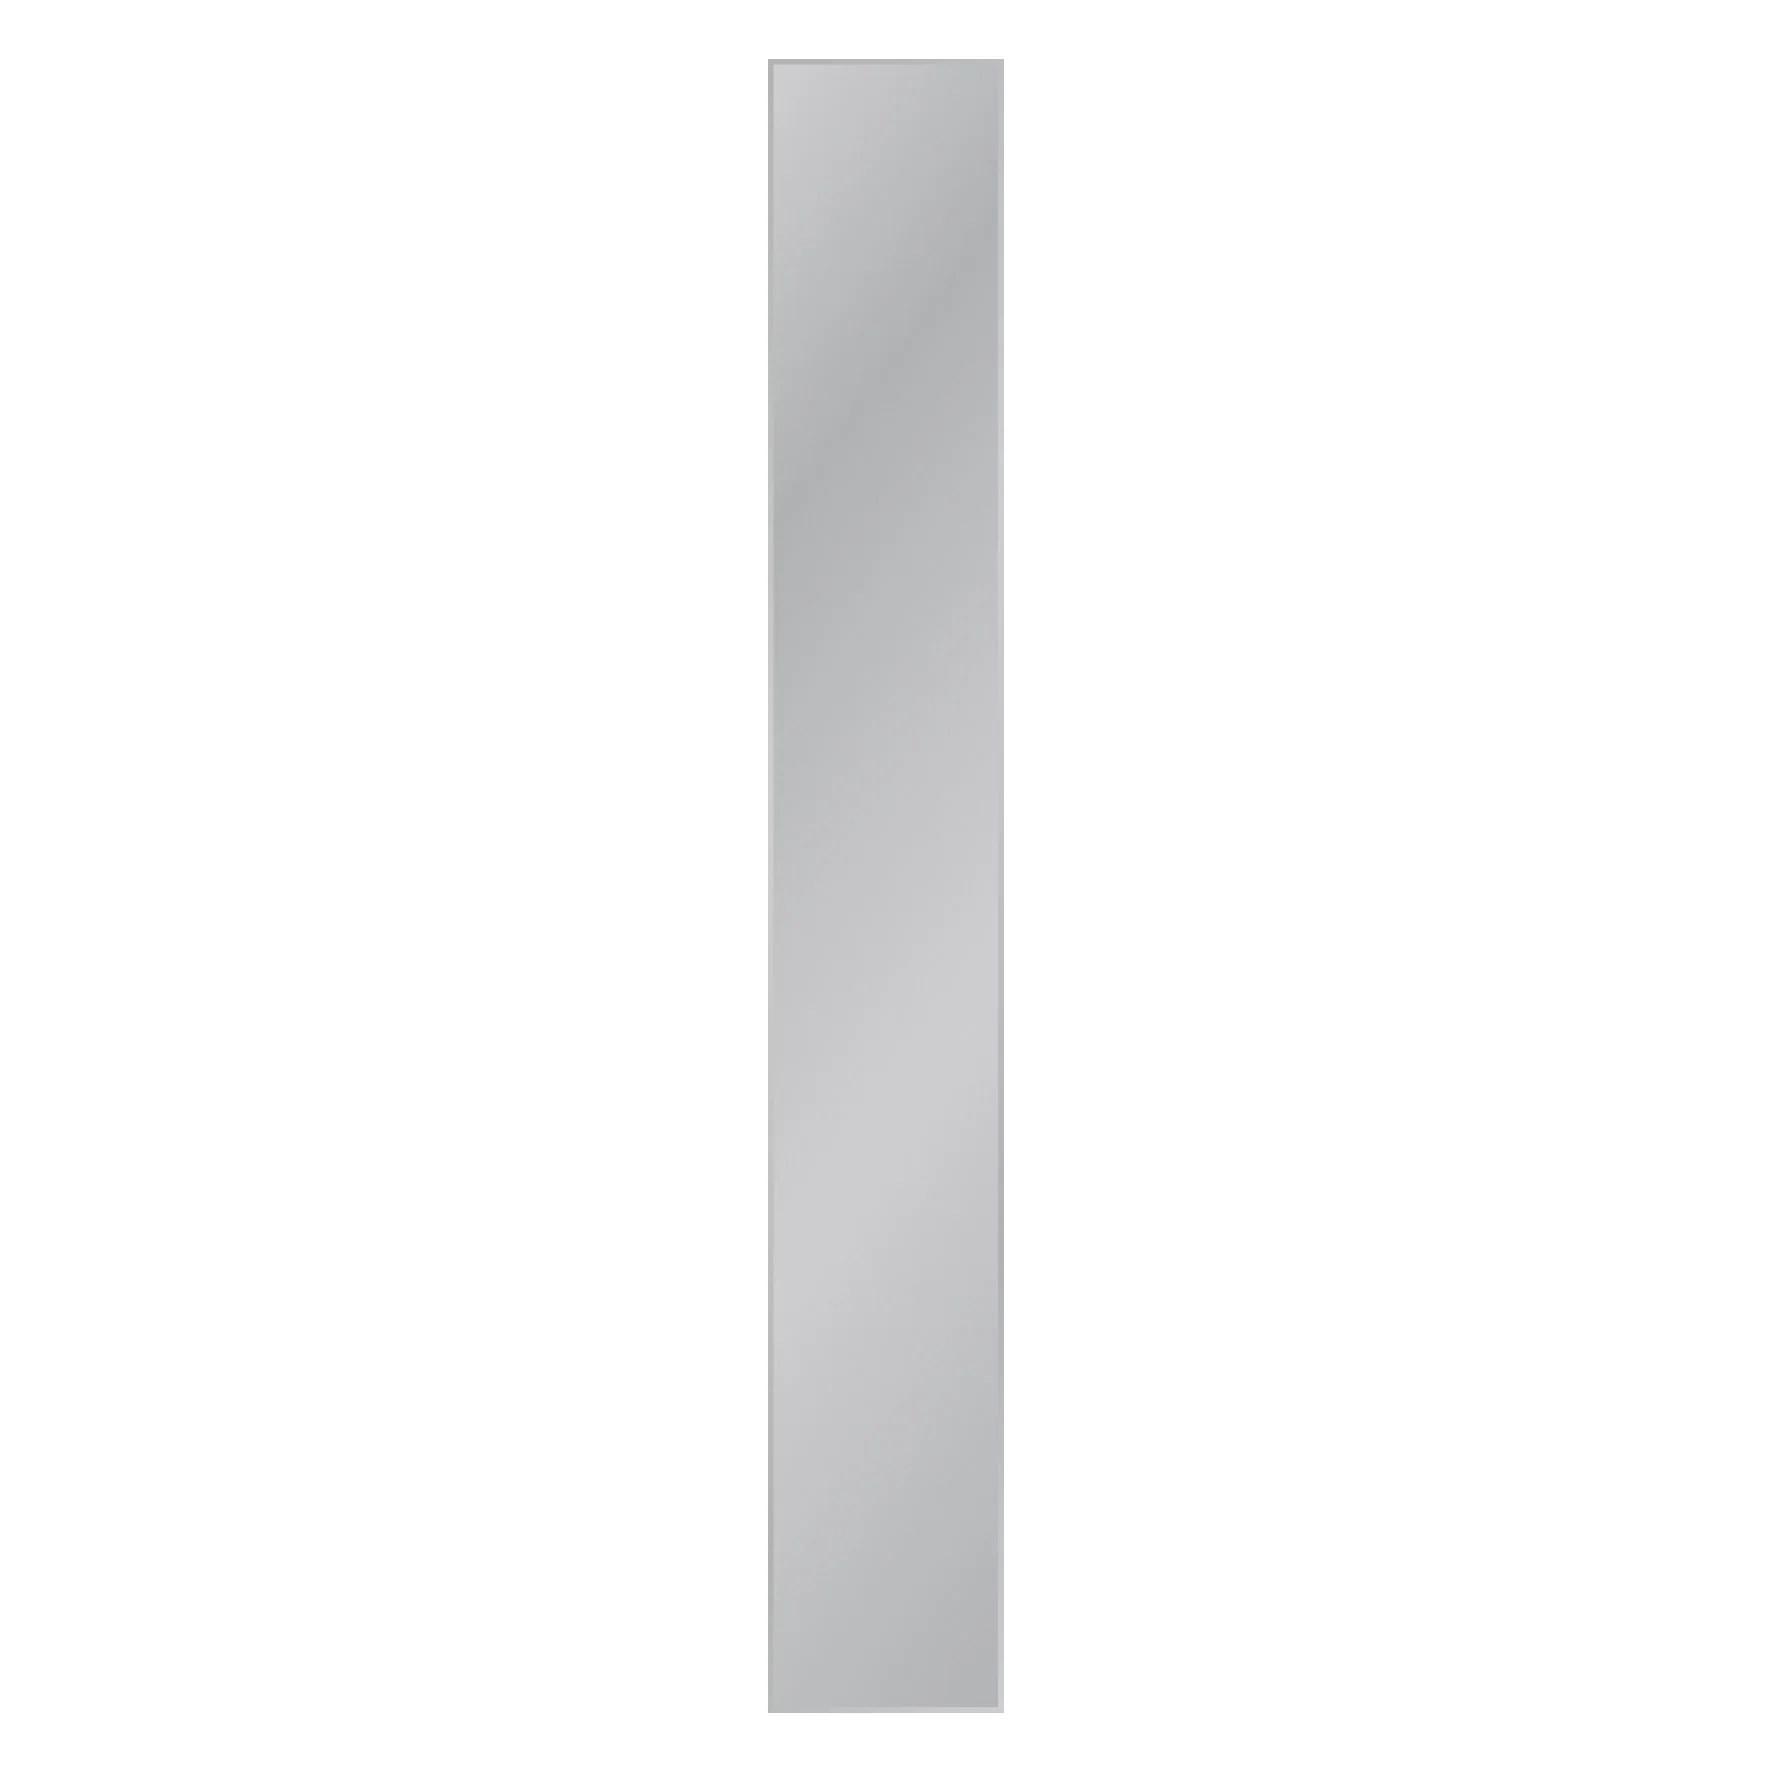 miroir non lumineux decoupe rectangulaire l 20 x l 140 5 cm biseaute